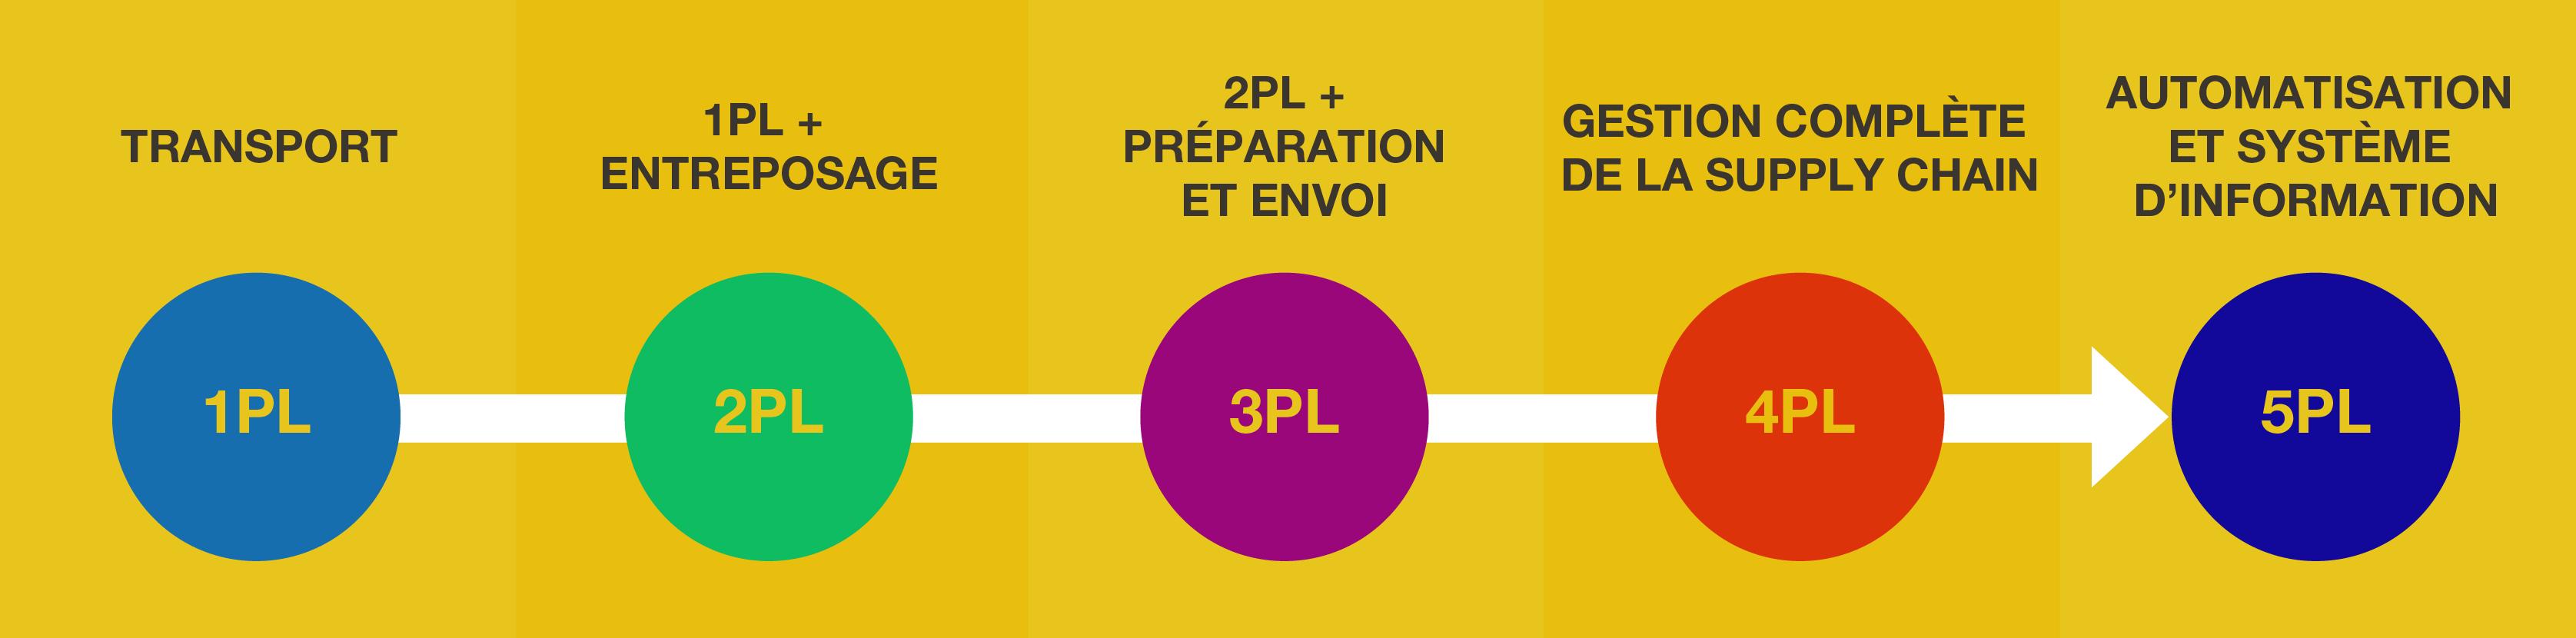 Schéma de la chaine logistique par niveau d'externalisation